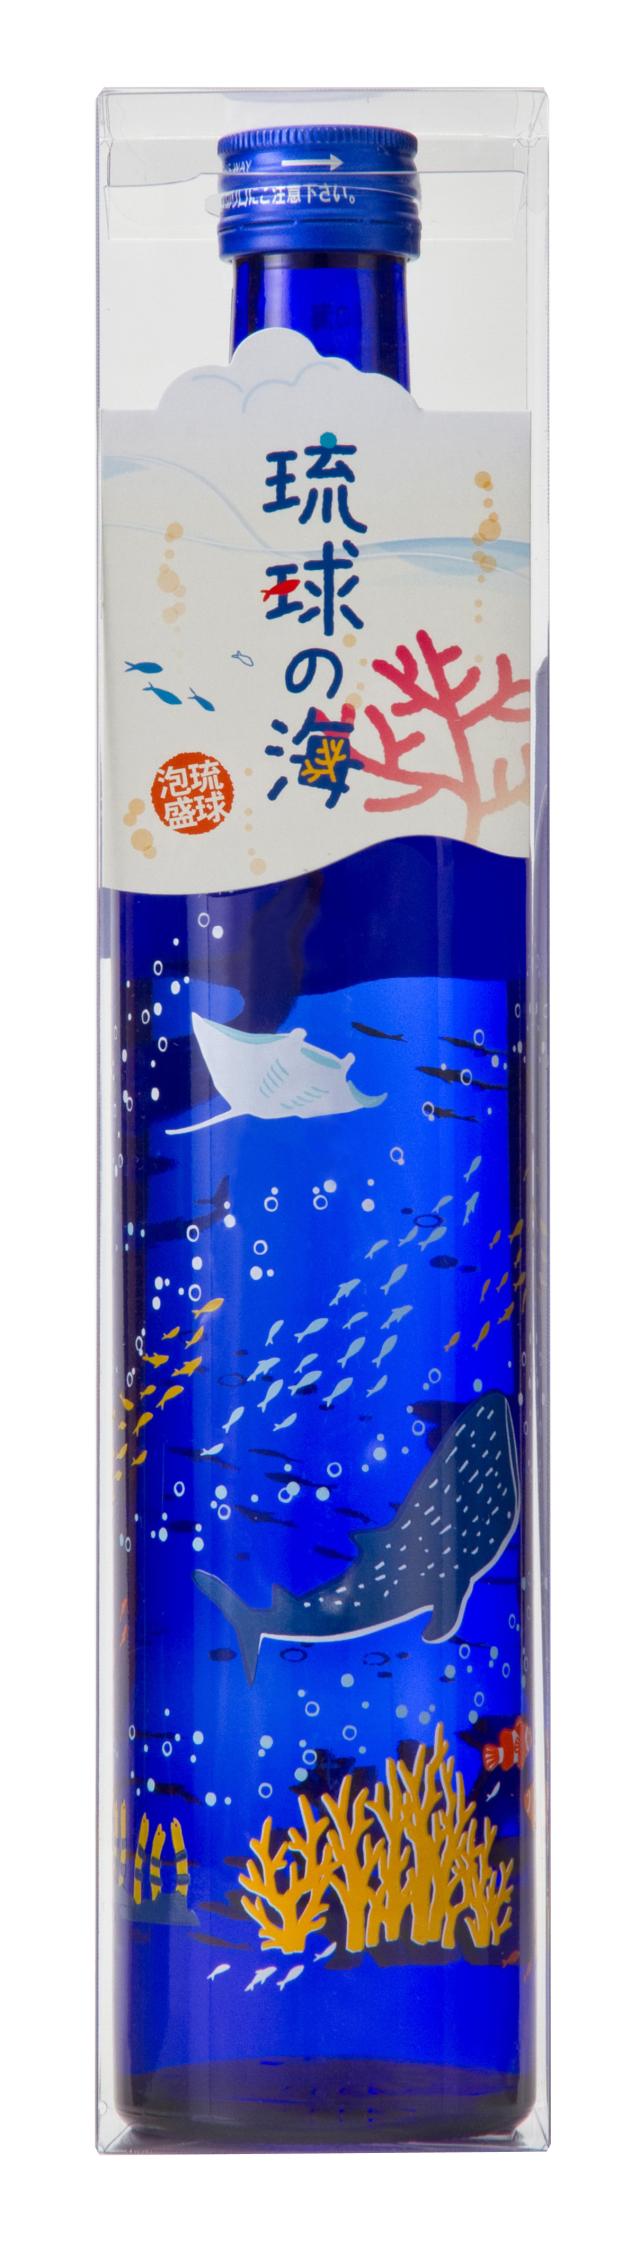 新里酒造 琉球の海 マリンボトル 25度 500ml